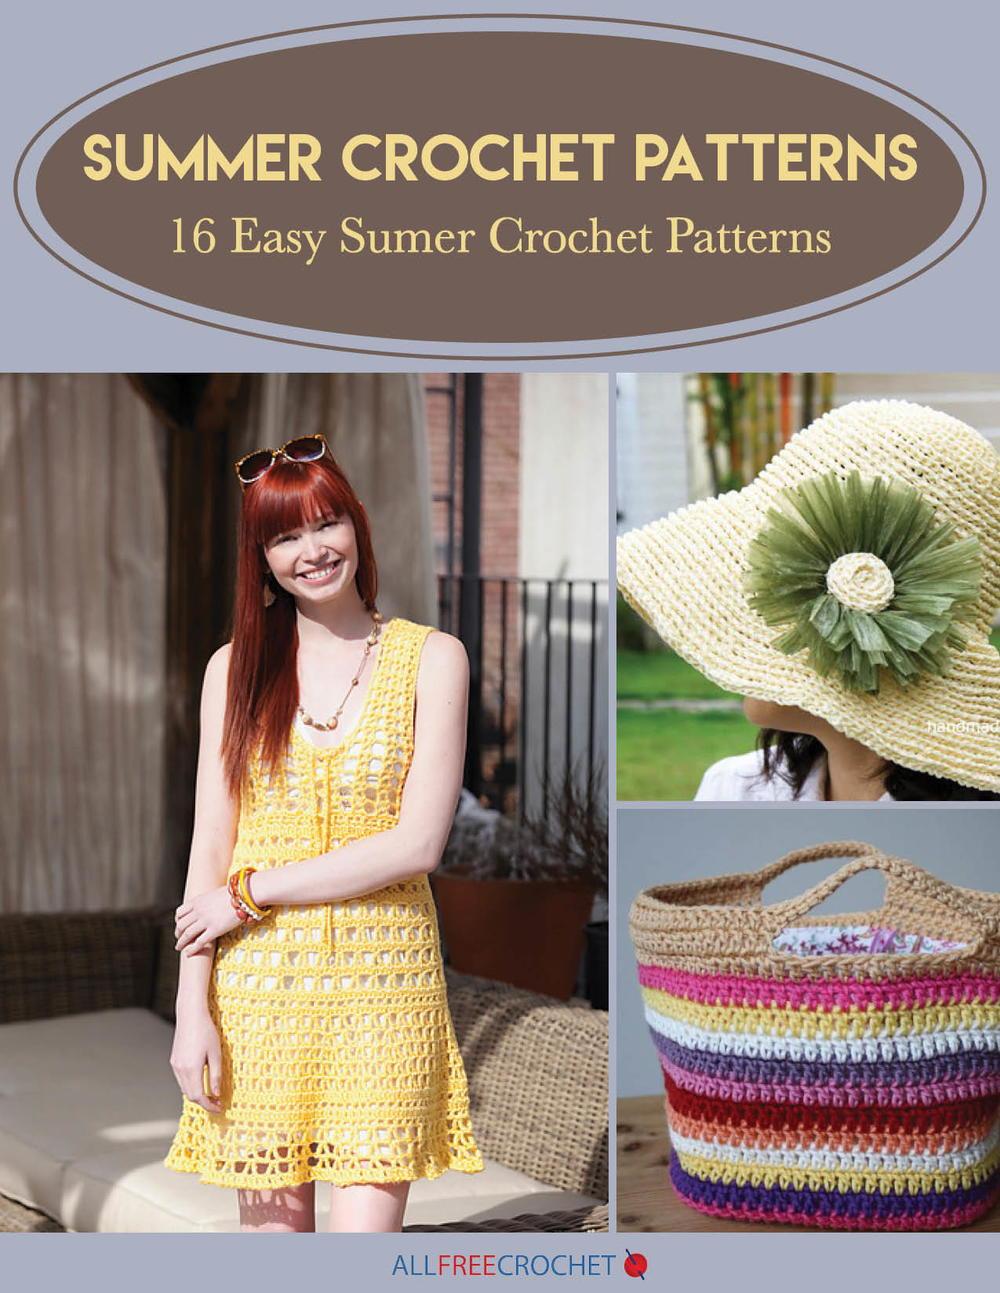 Easy Summer Crochet Hat Patterns : Summer Crochet Patterns: 16 Easy Summer Crochet Patterns ...